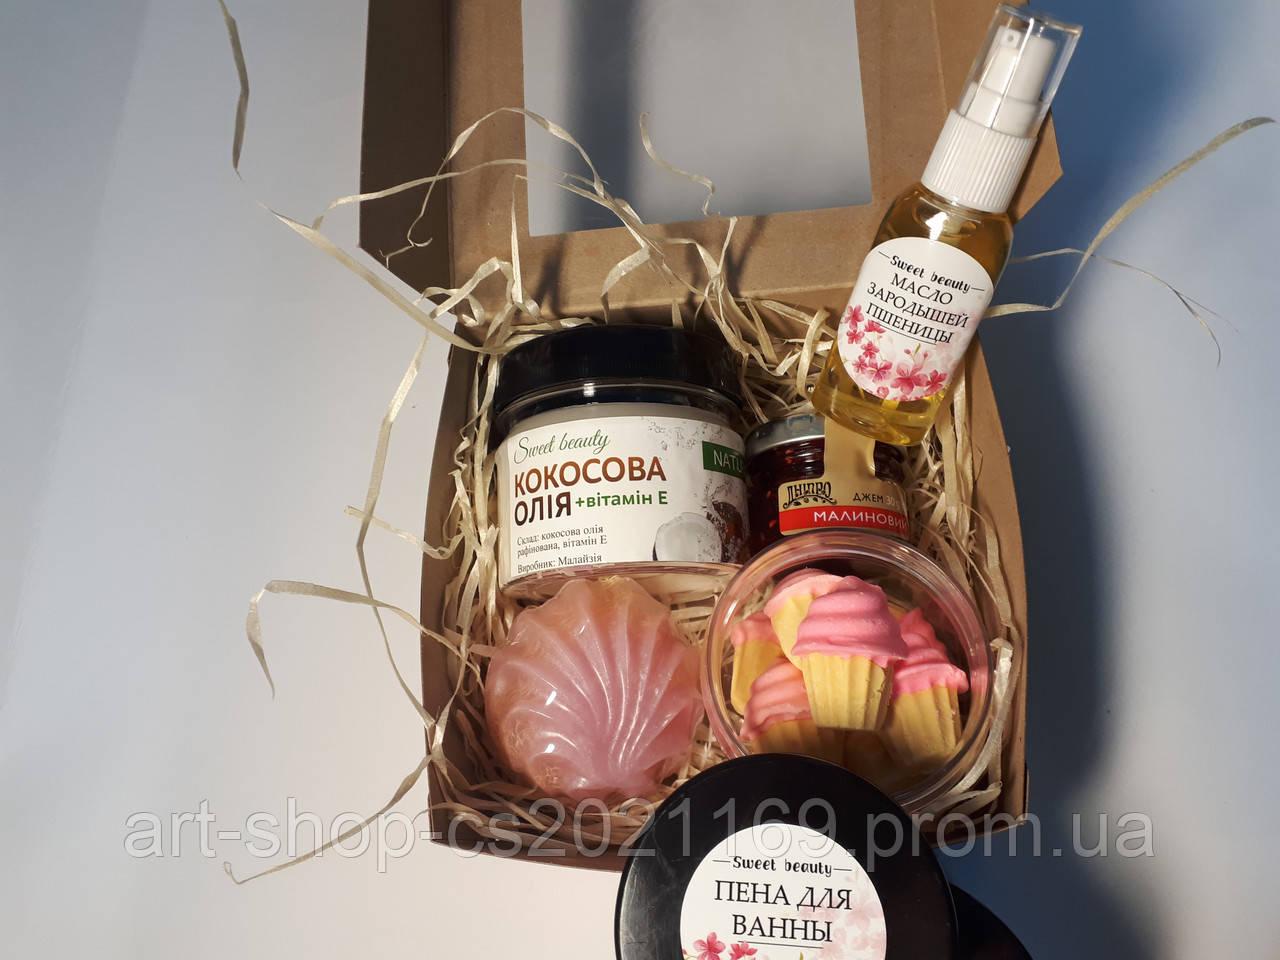 Подарочный набор с мылом ручной работы и сладостями